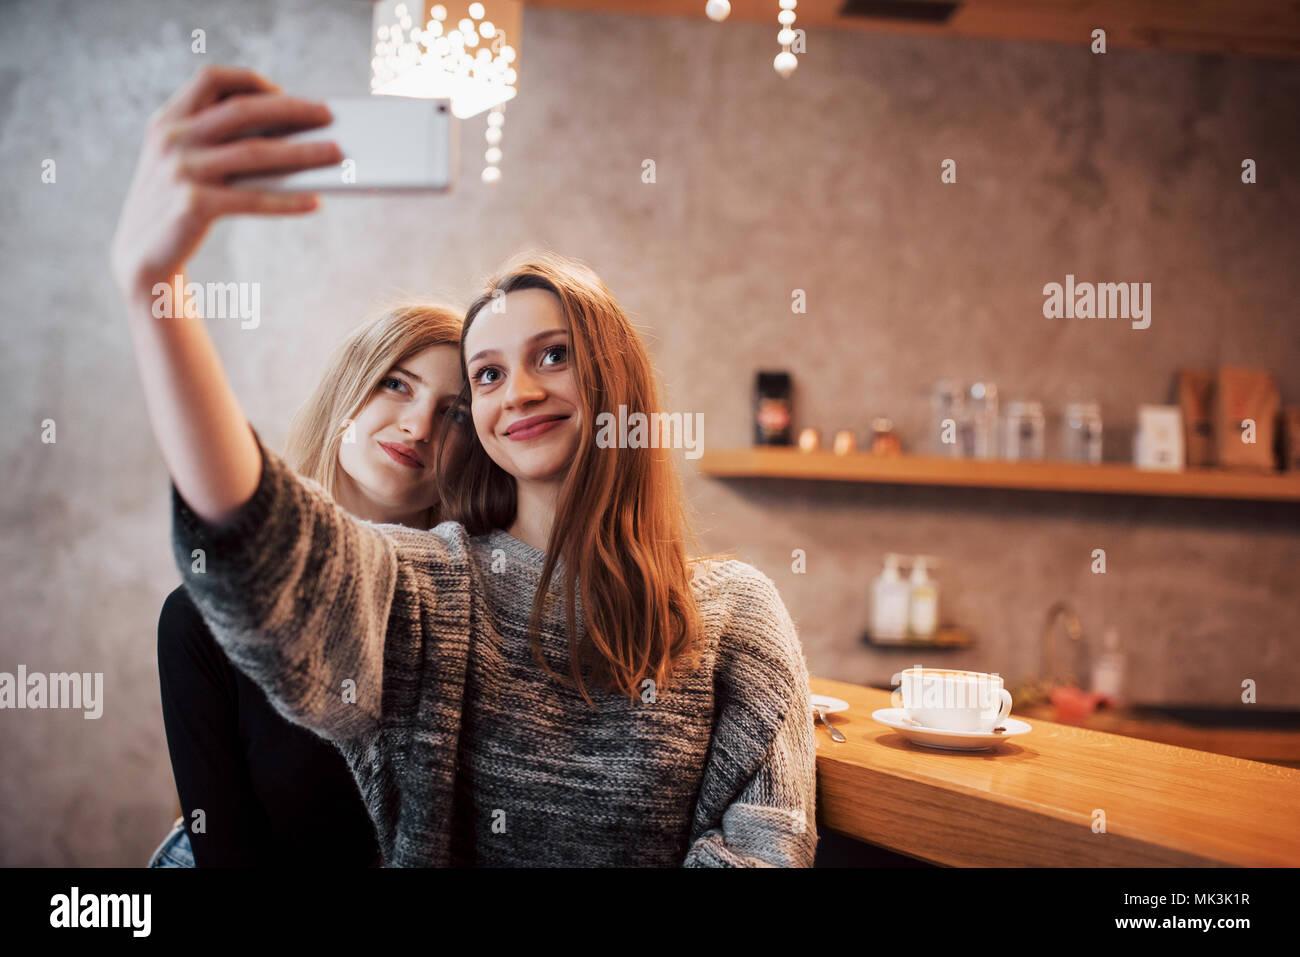 Zwei Freunde trinken Kaffee in einem Cafe, wobei selfies mit einem Smart Phone und Spaß, lustige Gesichter. Fokus auf dem Mädchen auf der linken Seite Stockbild